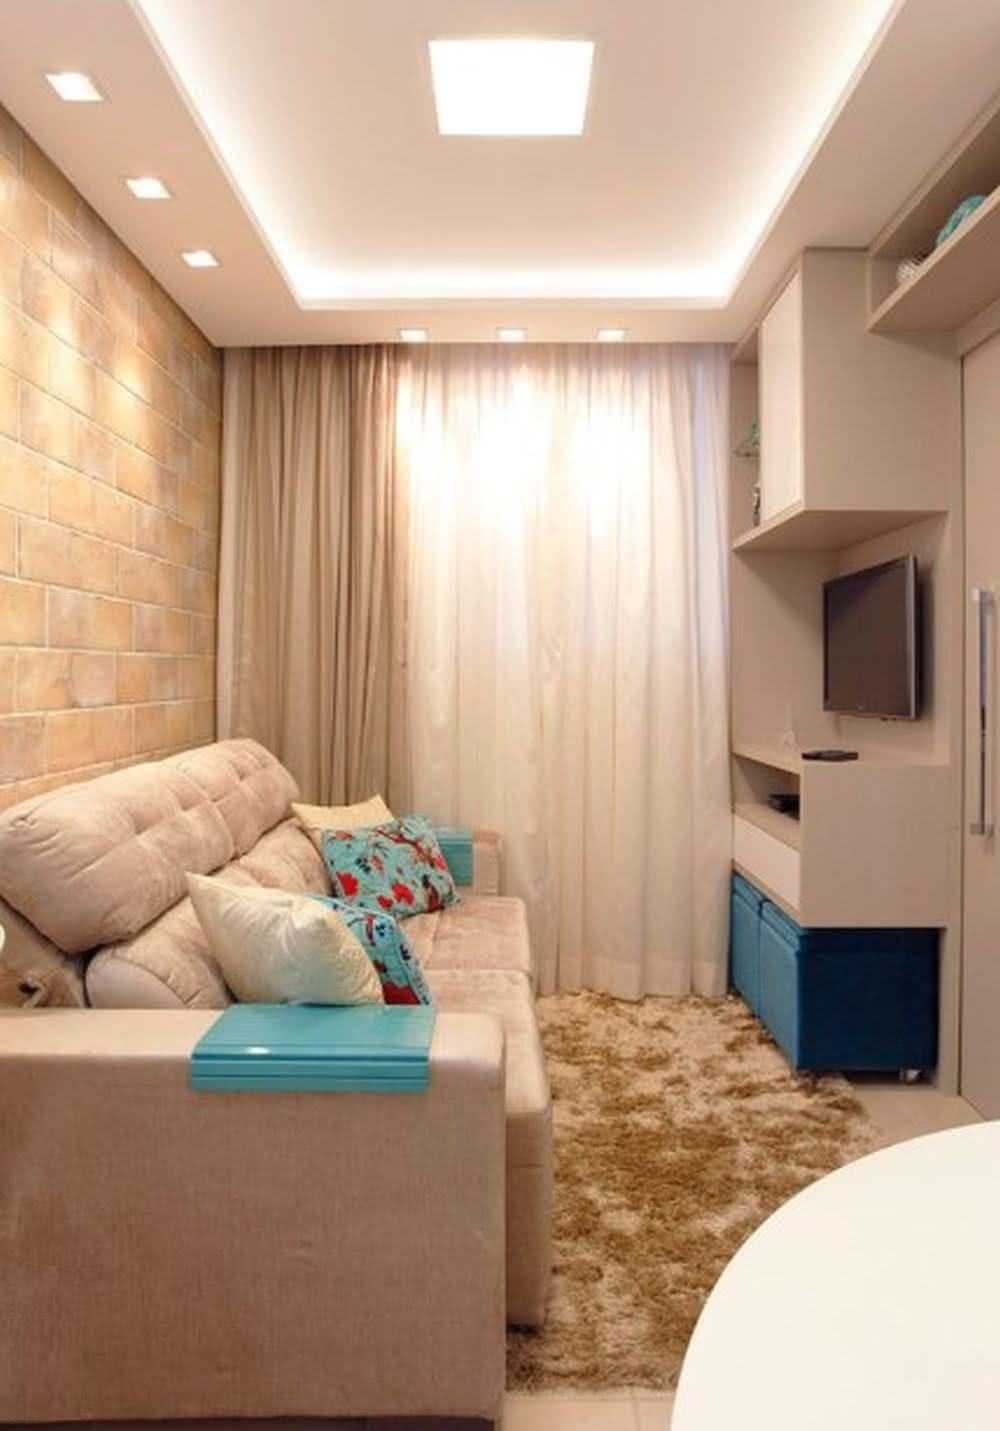 65 Salas De Tv Pequenas Decoradas Para Voc Se Inspirar